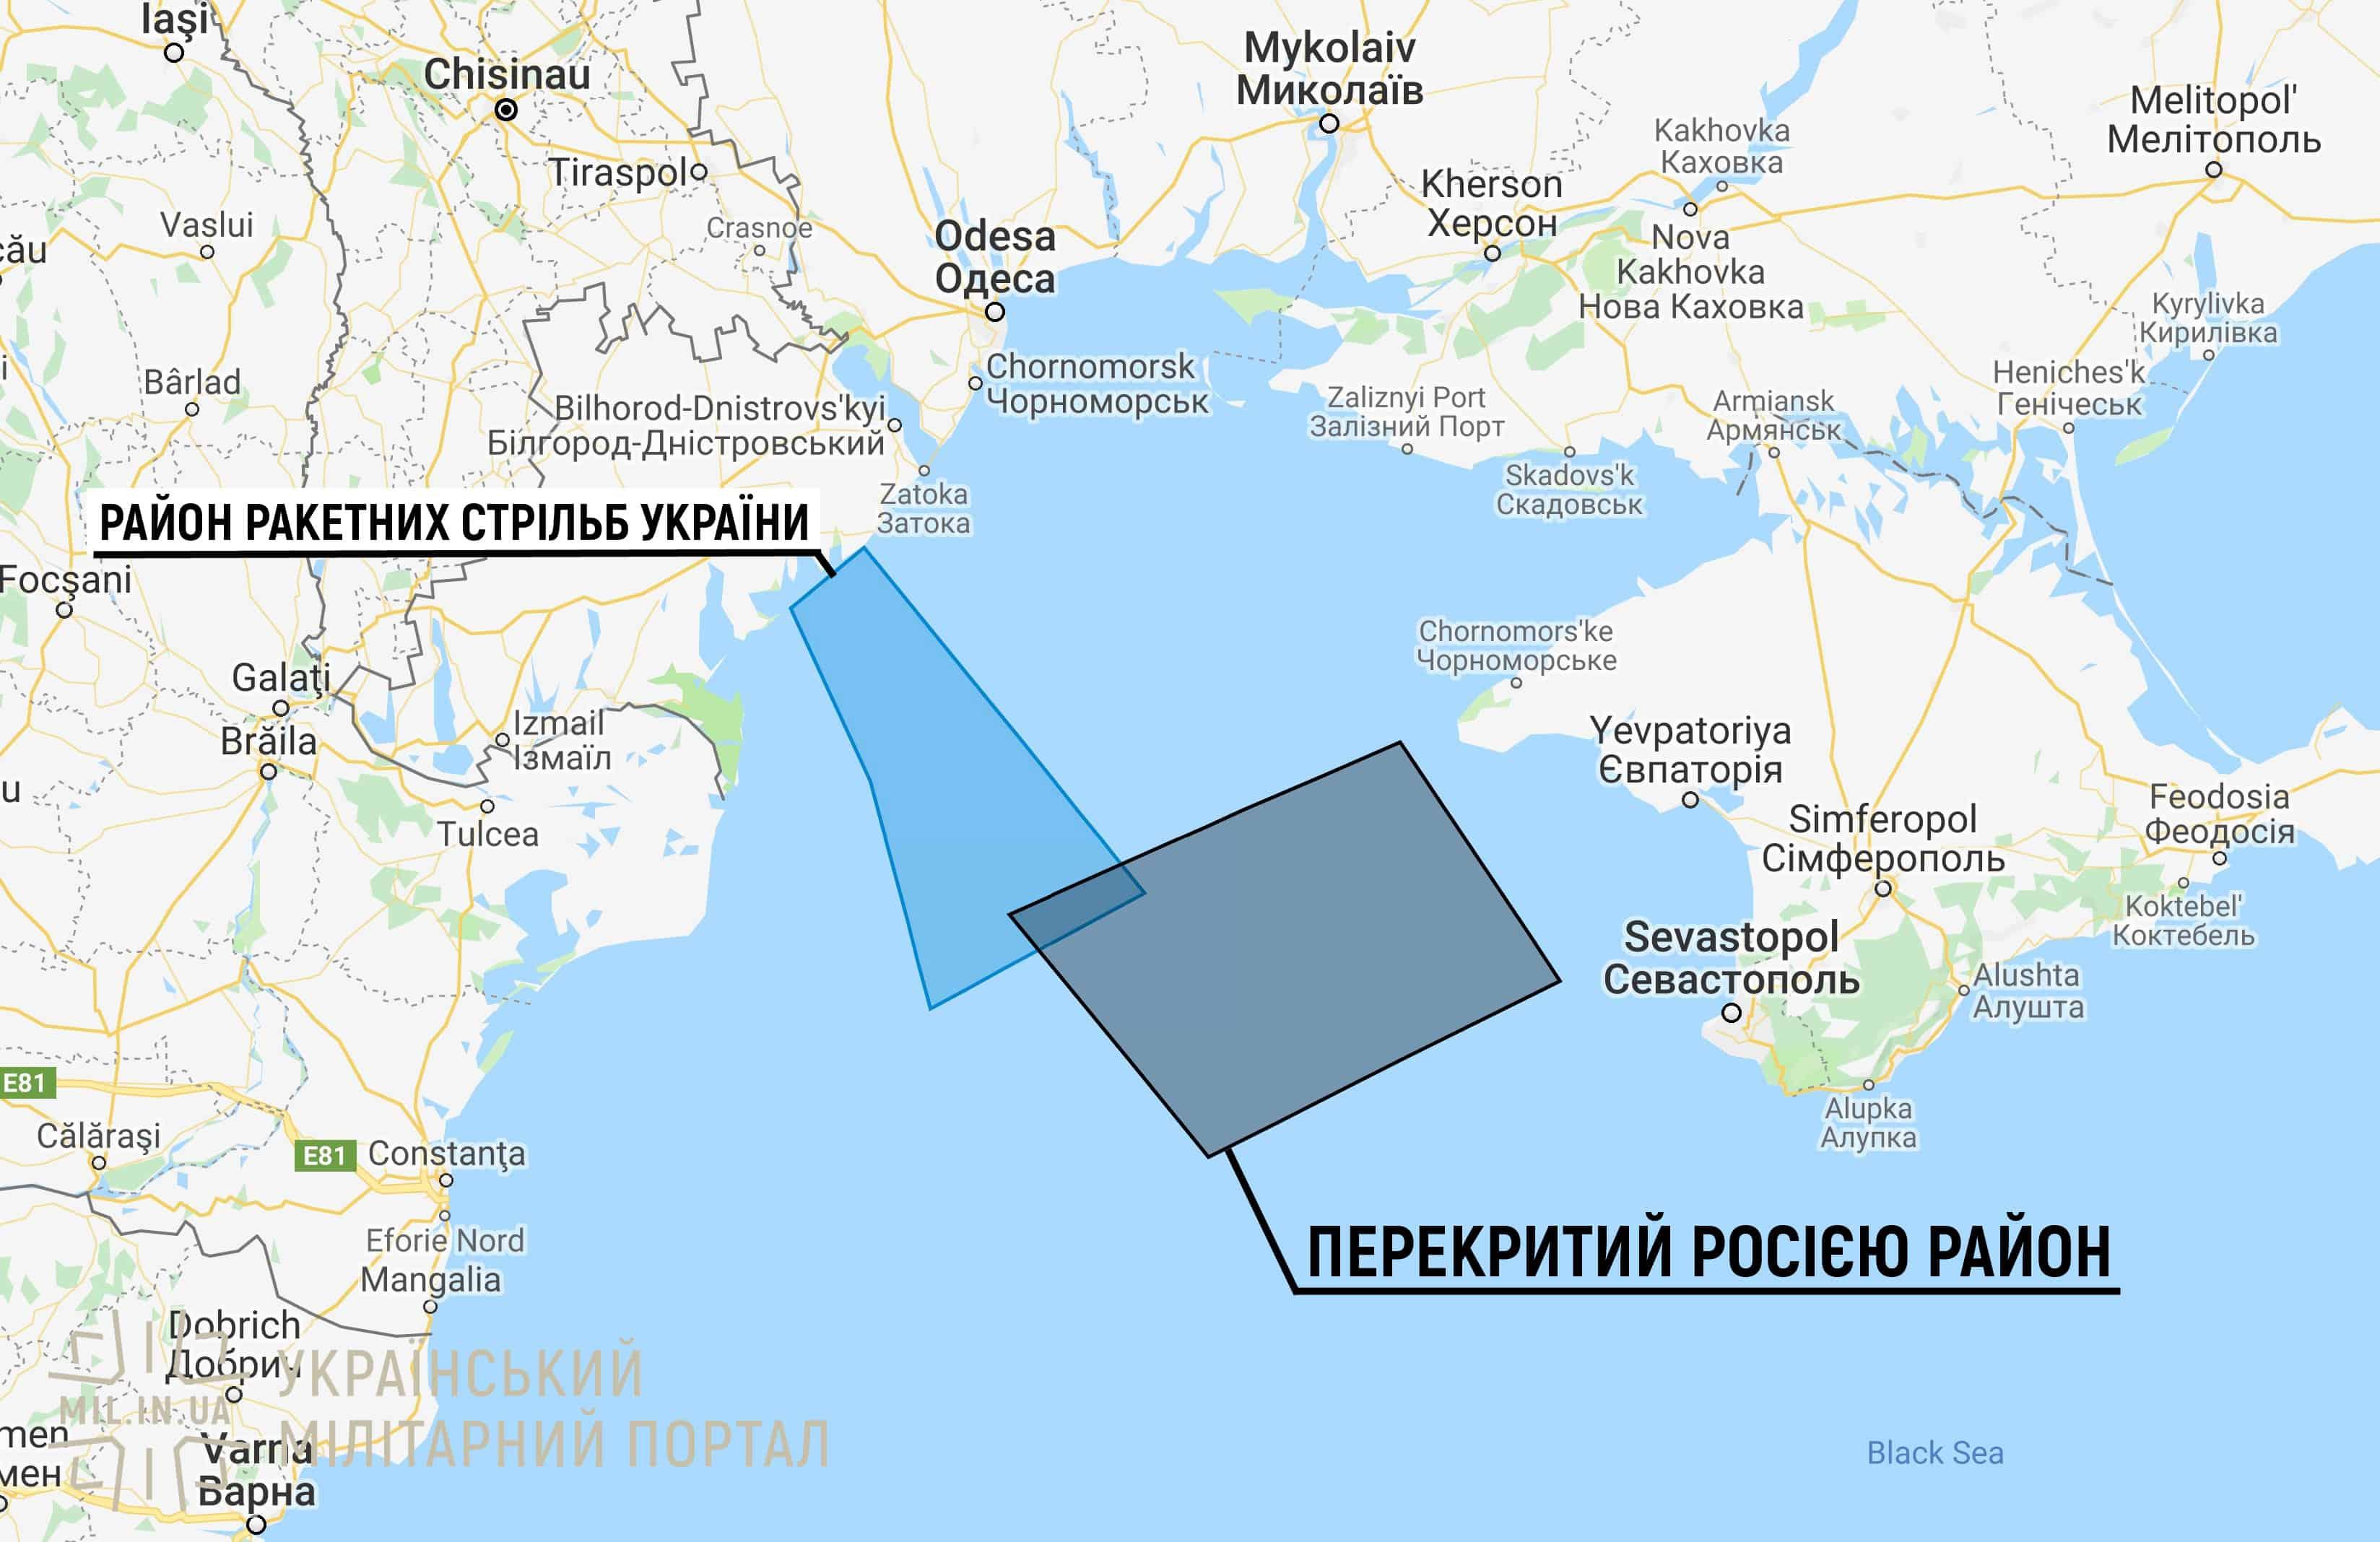 Район ракетних стрільб України та перекритий Росією район у Чорному морі у серпні 2019-го